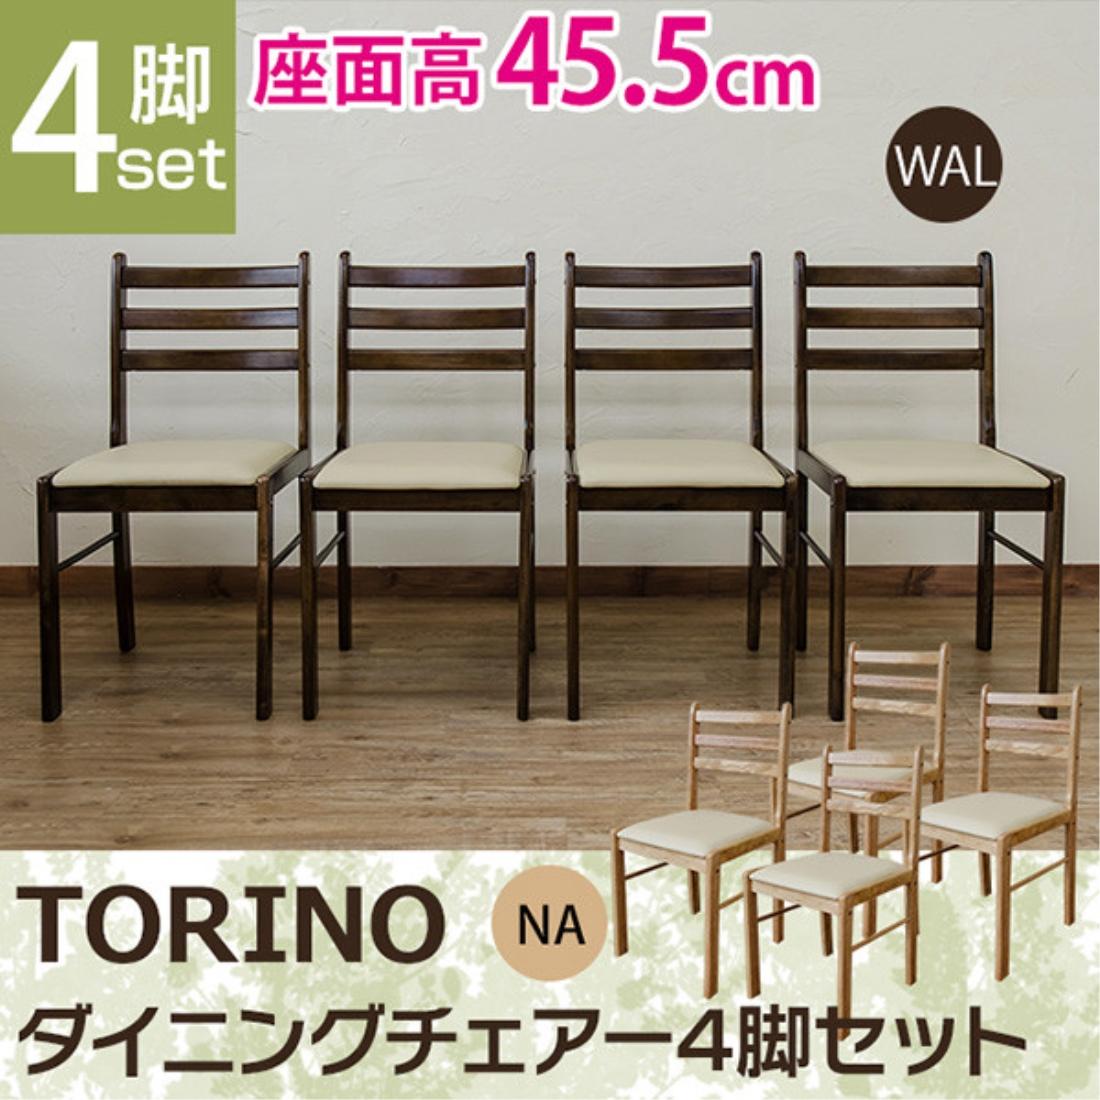 インテリア 家具 チェアー 椅子 TORINO ダイニングチェアー(4脚セット)